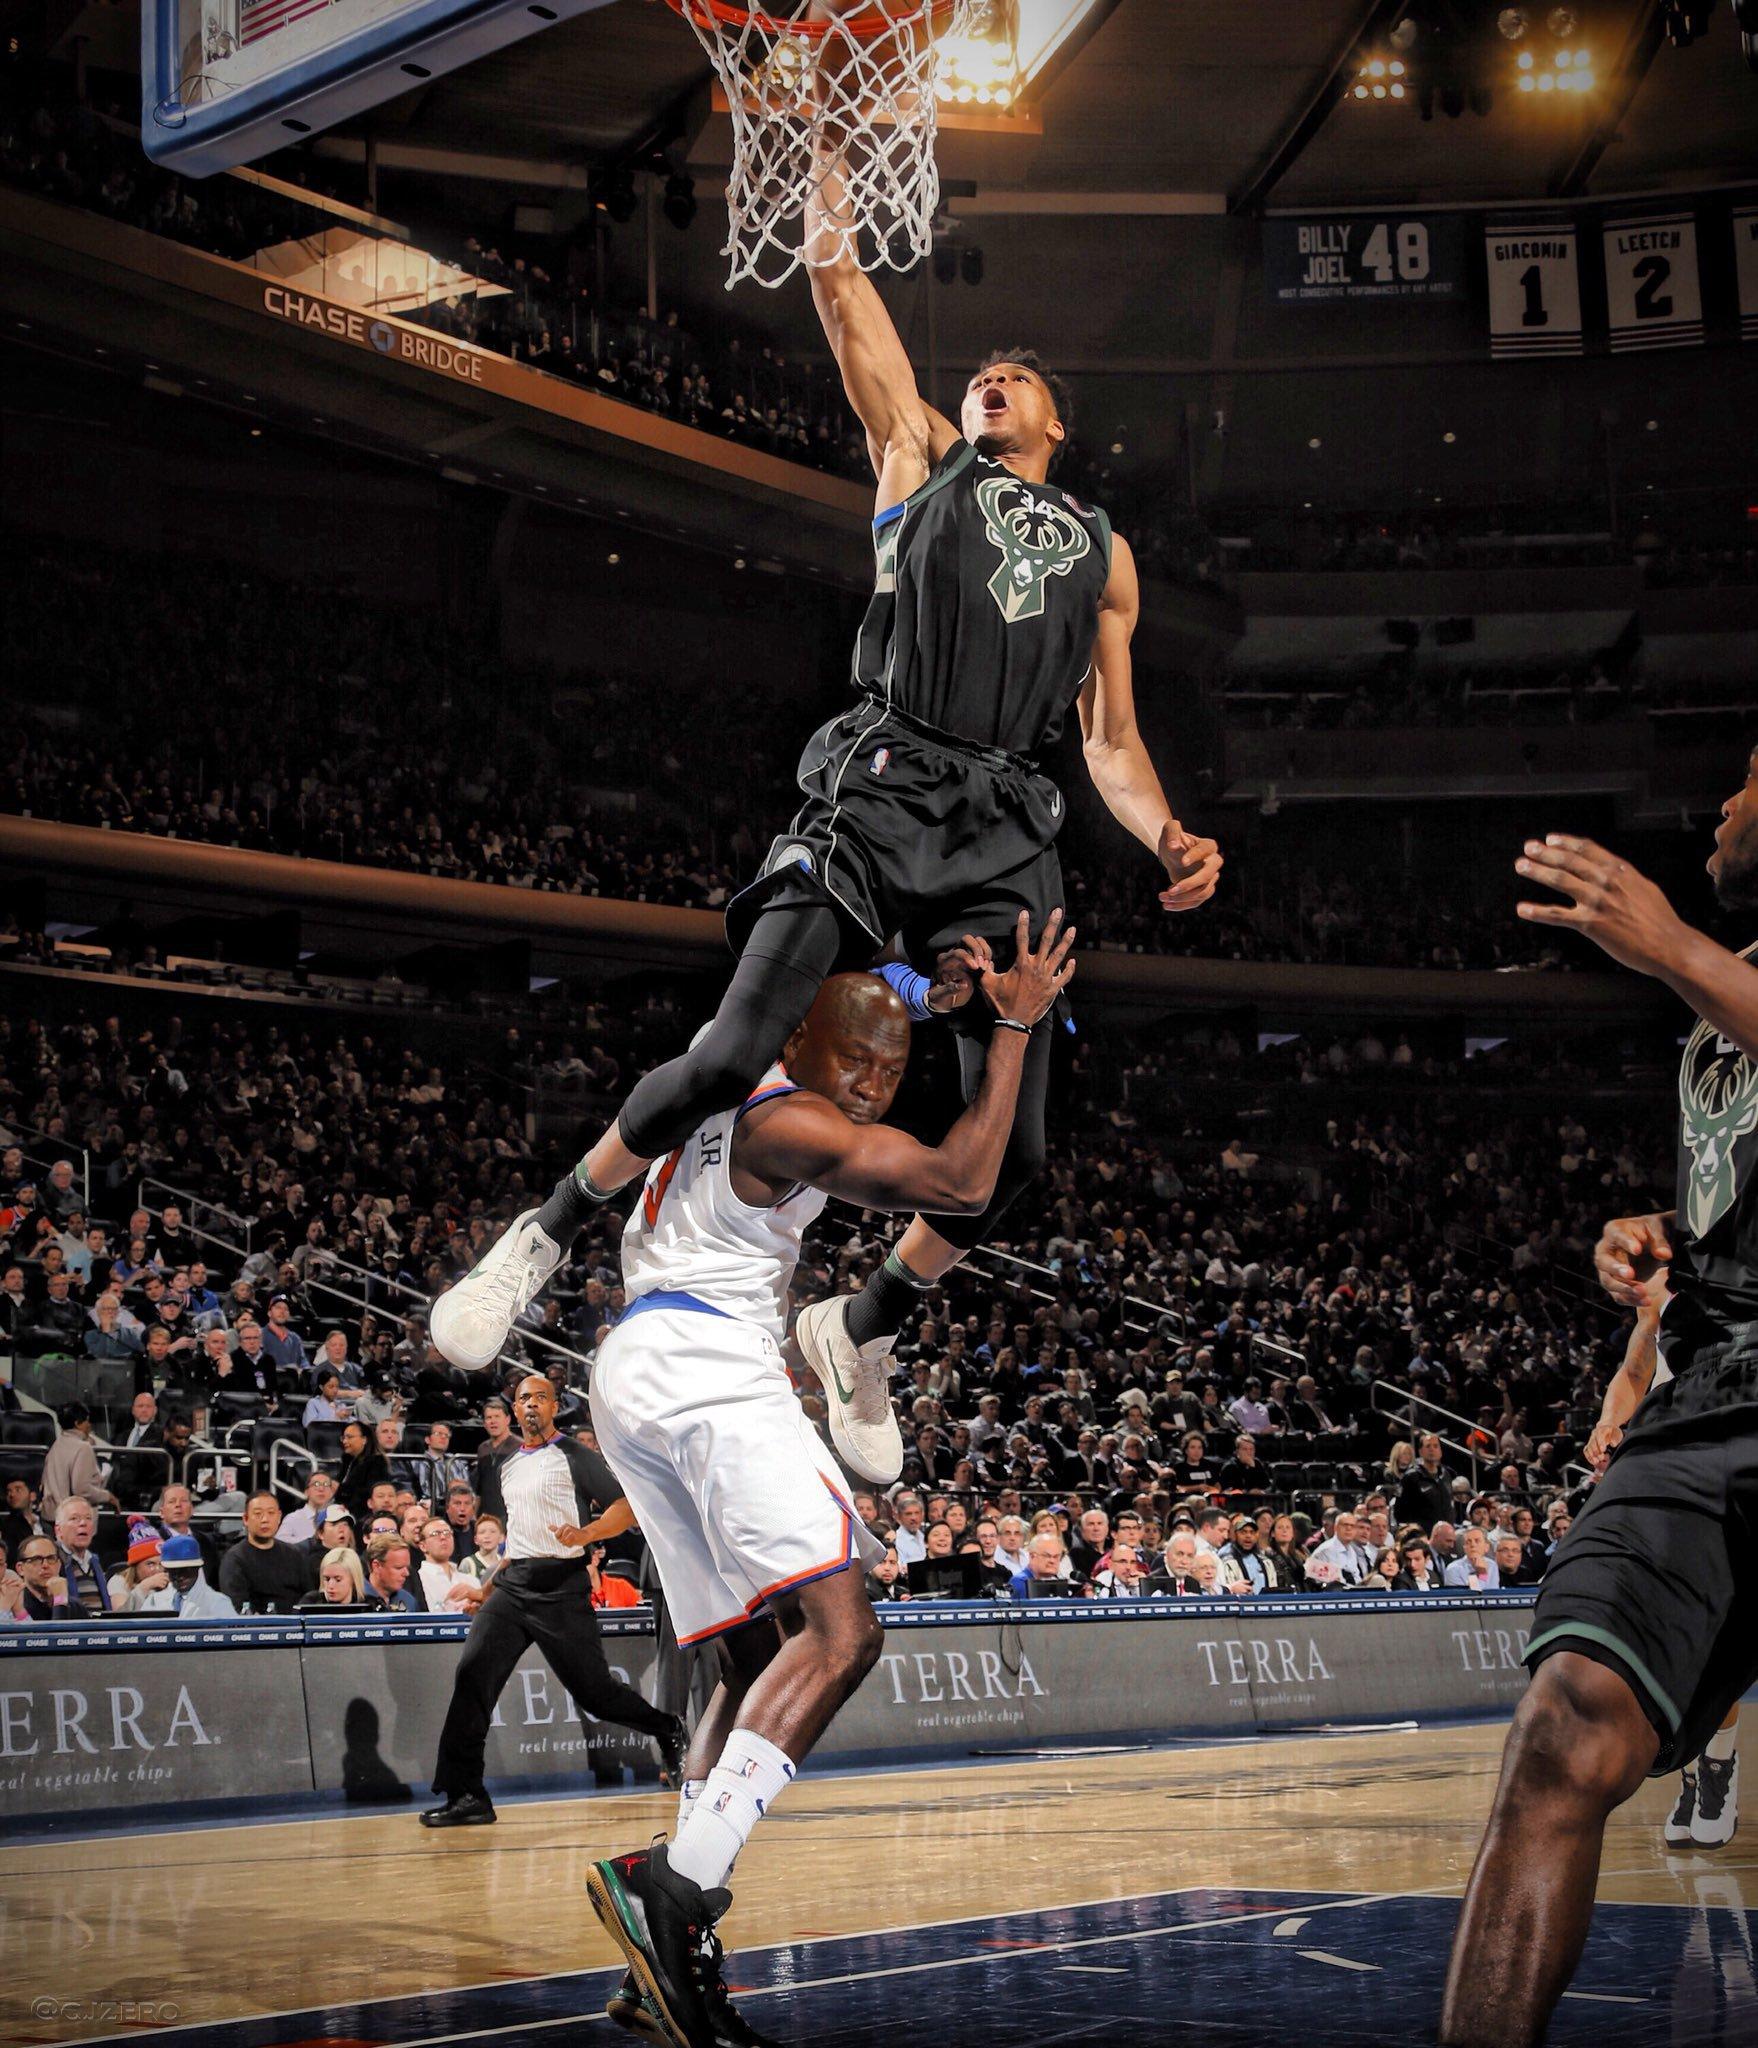 Giannis dunking over Tim Hardaway deserved this https://t.co/JvLiPhslmj